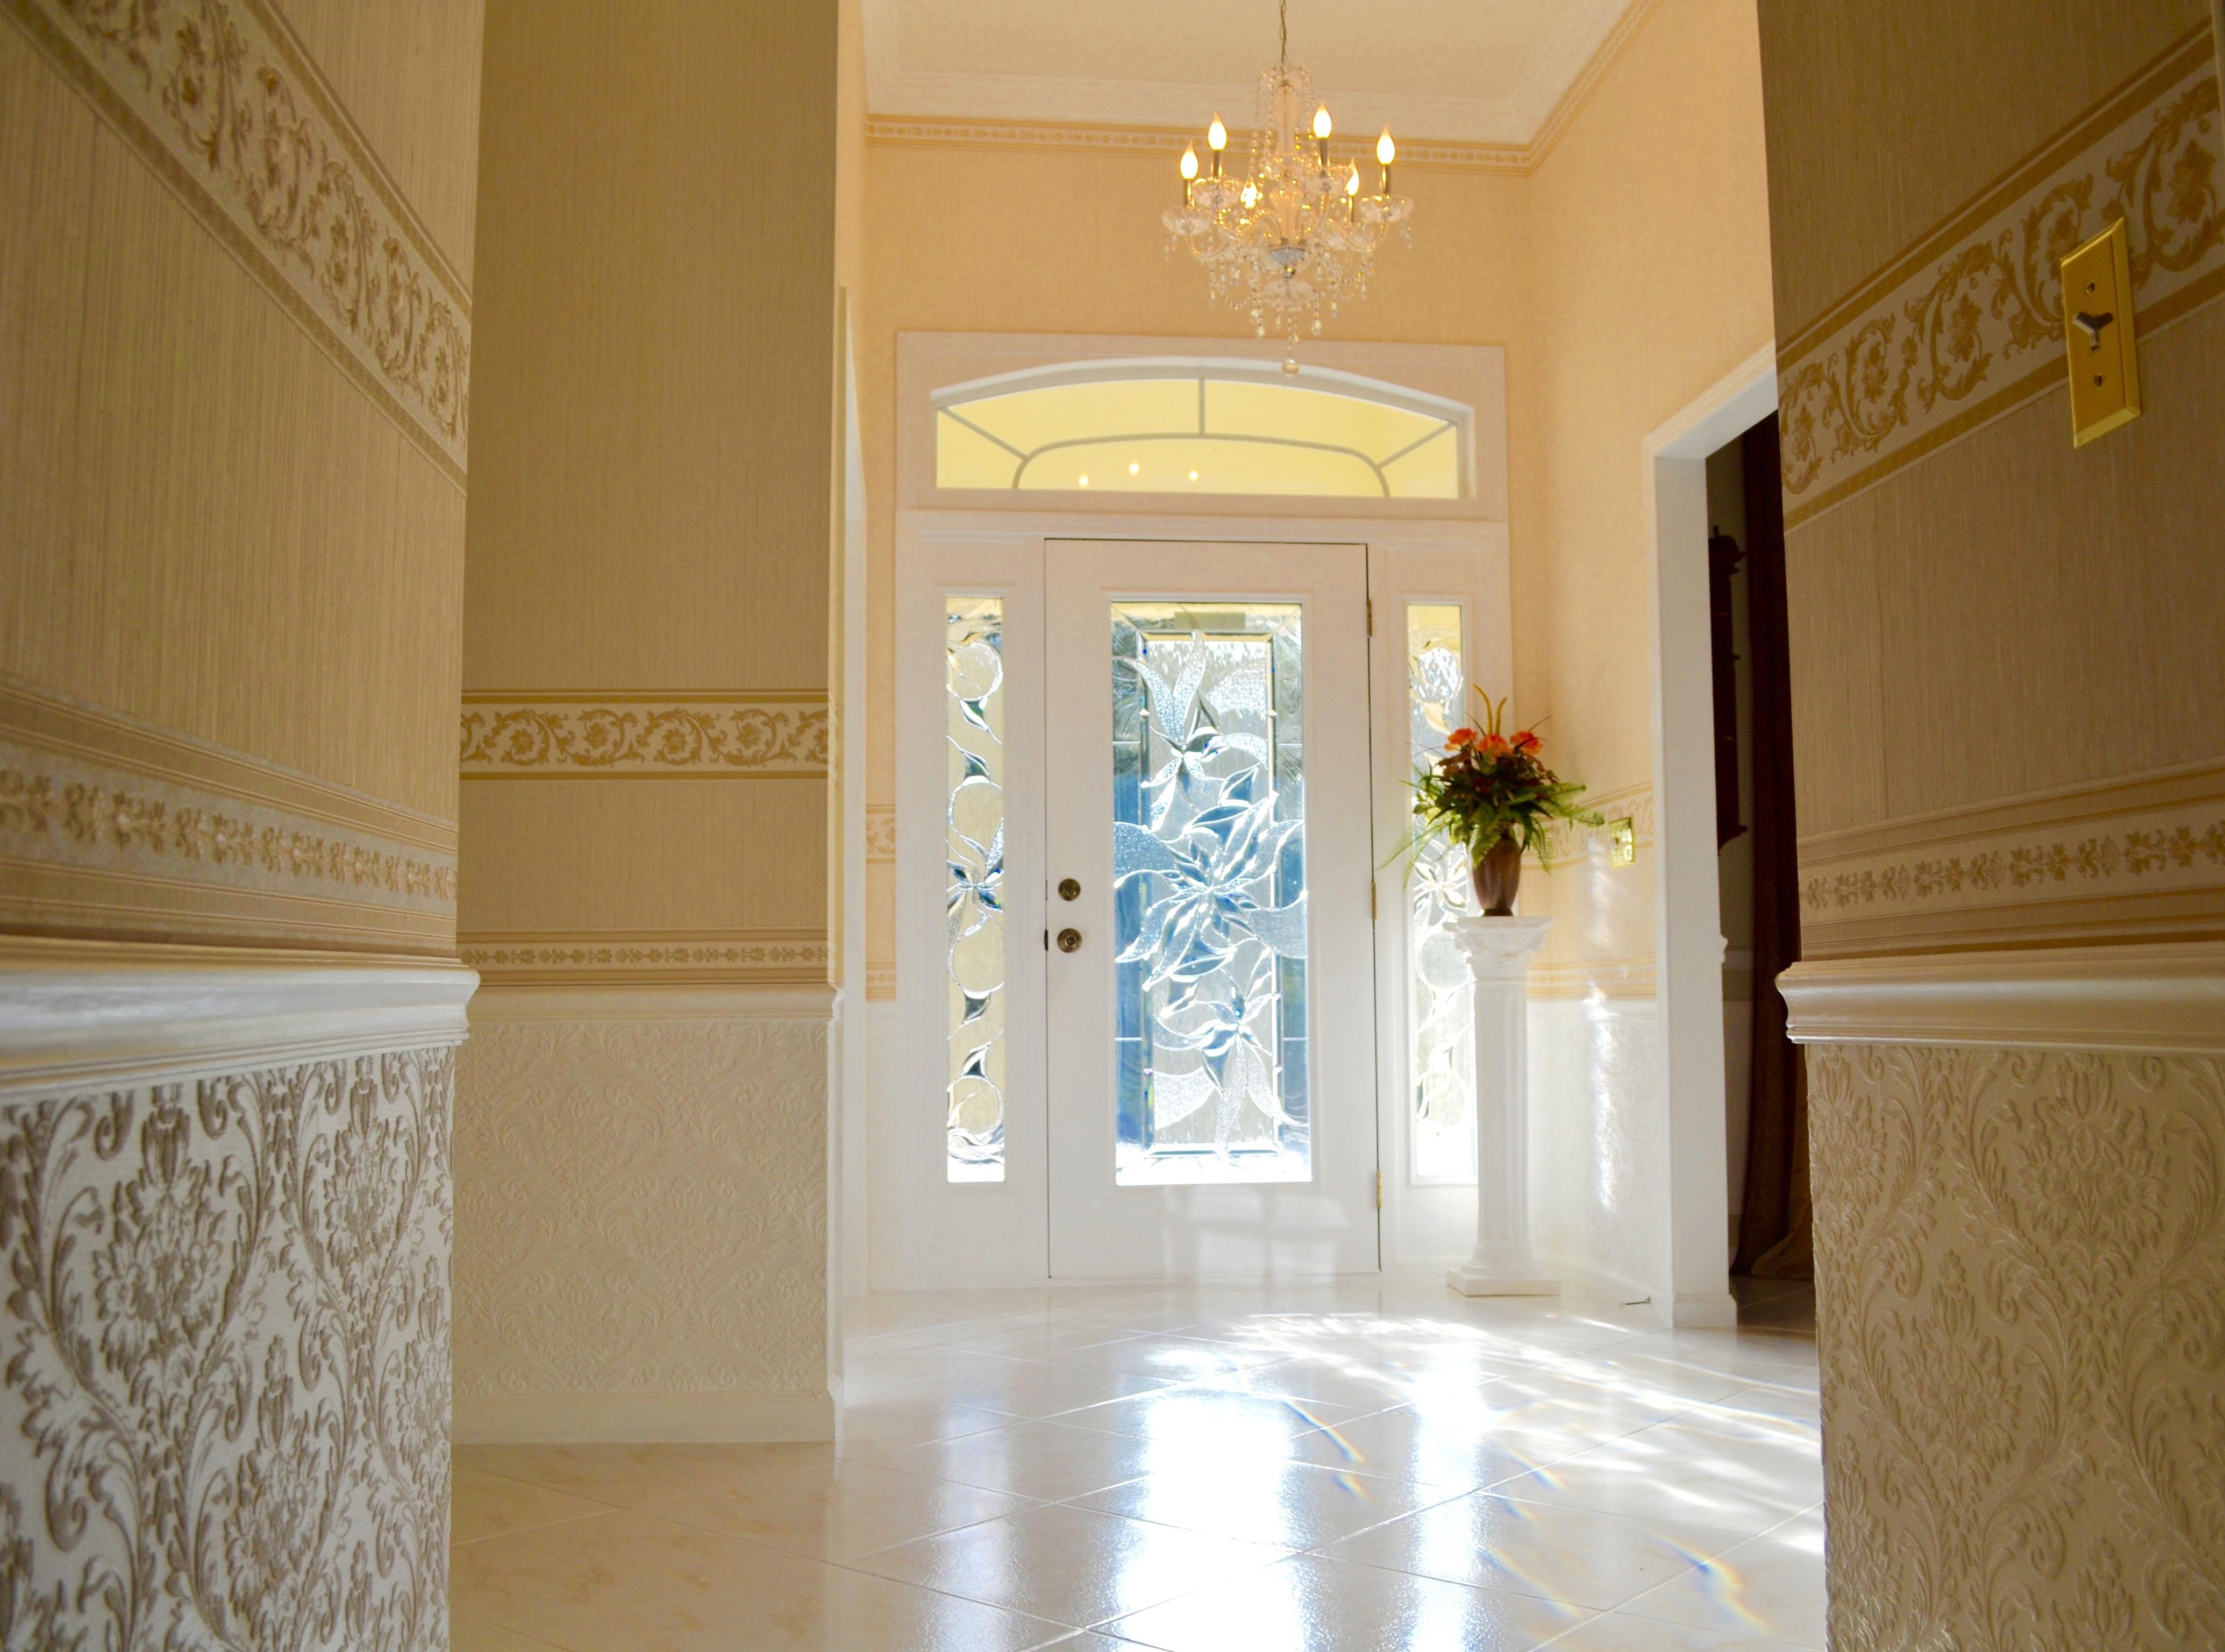 Cortinas interiores casa elegant cortinas y persianas para decorar interiores with cortinas - Persianas palacio ...